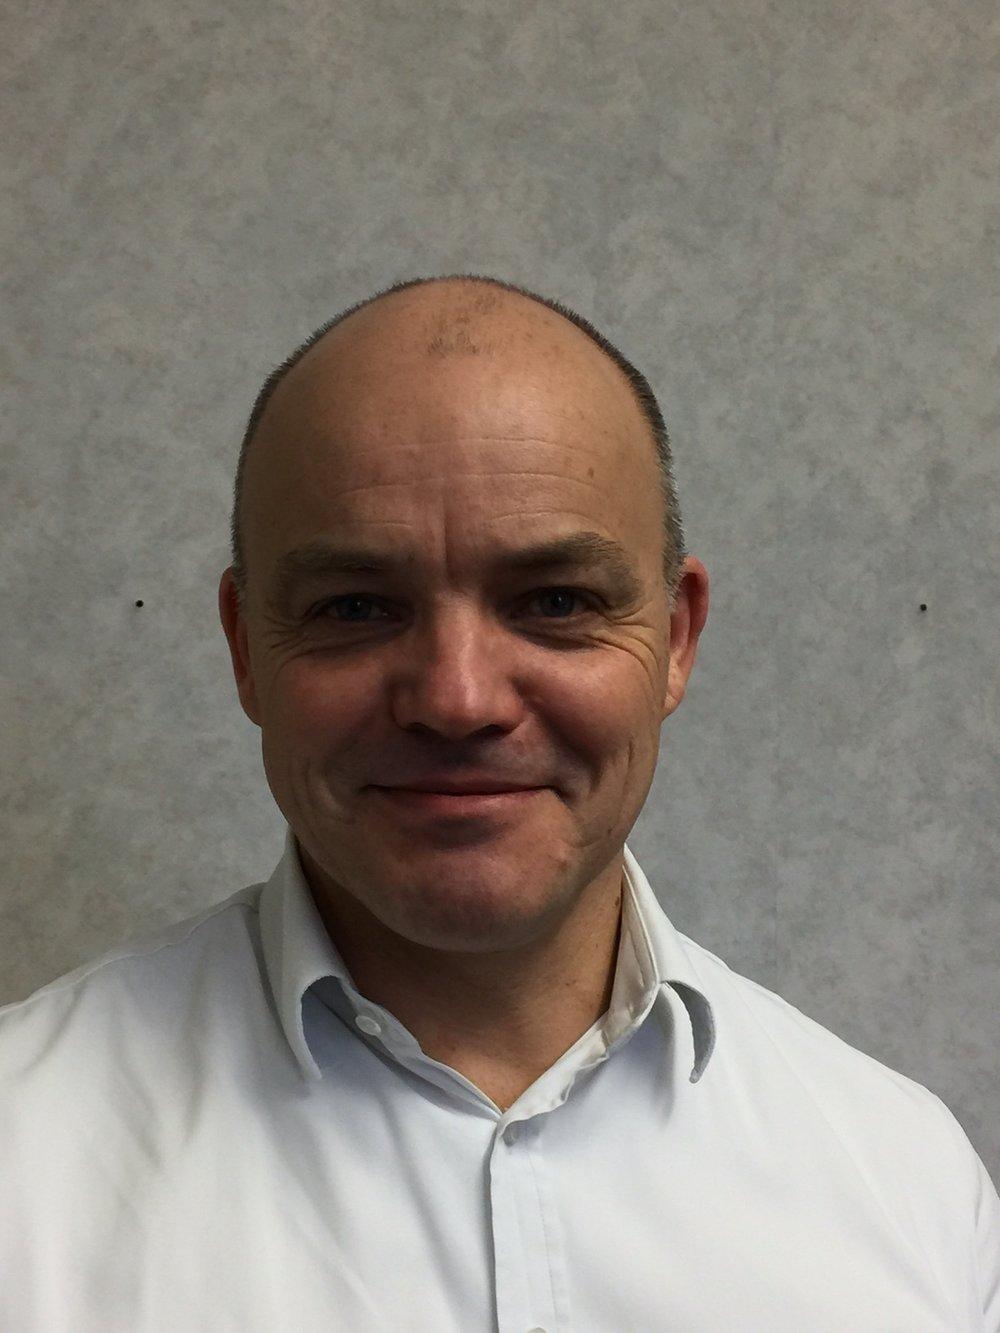 Peter Lefevre - Associate Divisional Medical Director